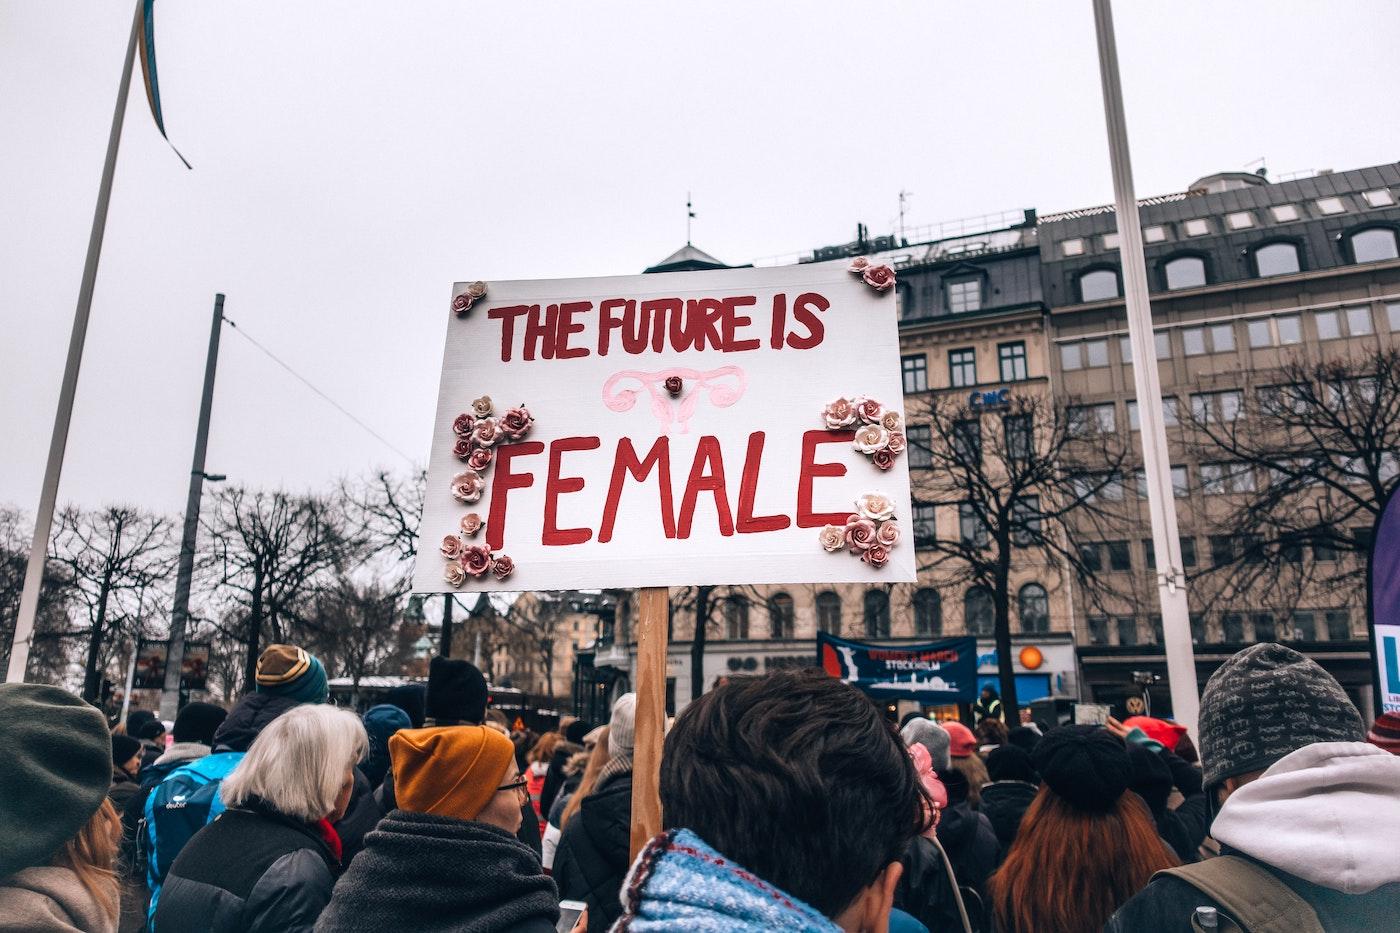 Der Chef der Zukunft ist weiblich